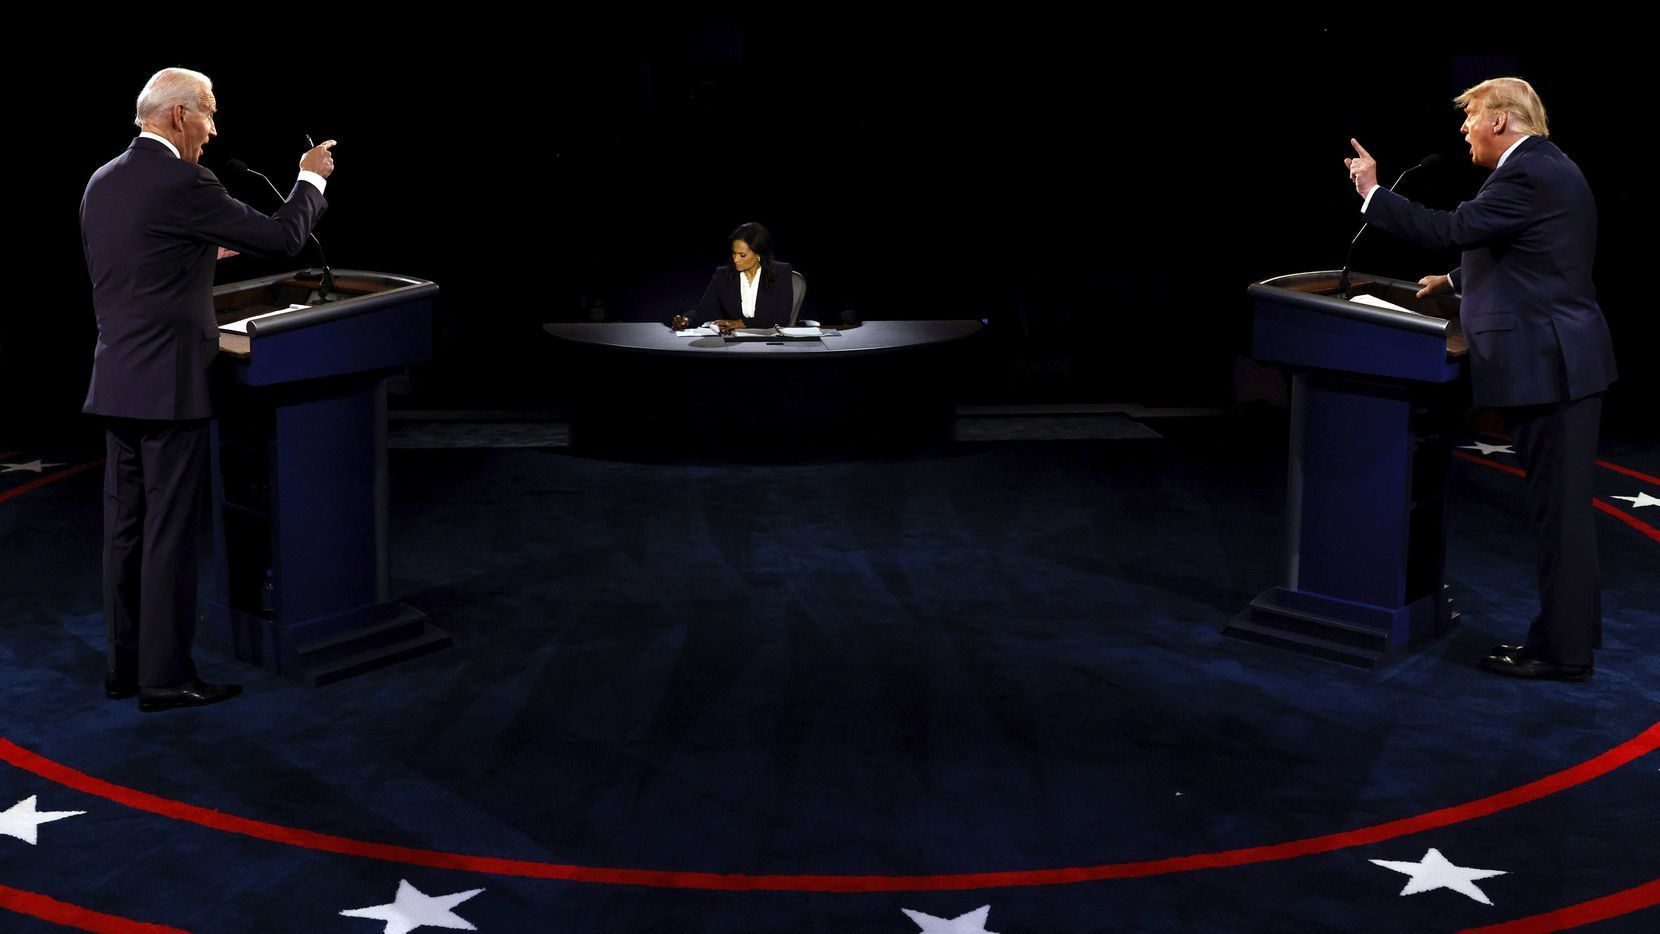 آخری مباحثے میں بھی دونوں کے درمیان ذاتی نوعیت کے حملے دیکھے گئے جبکہ ٹرمپ نے جو بائیڈن پر بدعنوانی کے الزامات لگائے۔ فائل فوٹو:اے پی